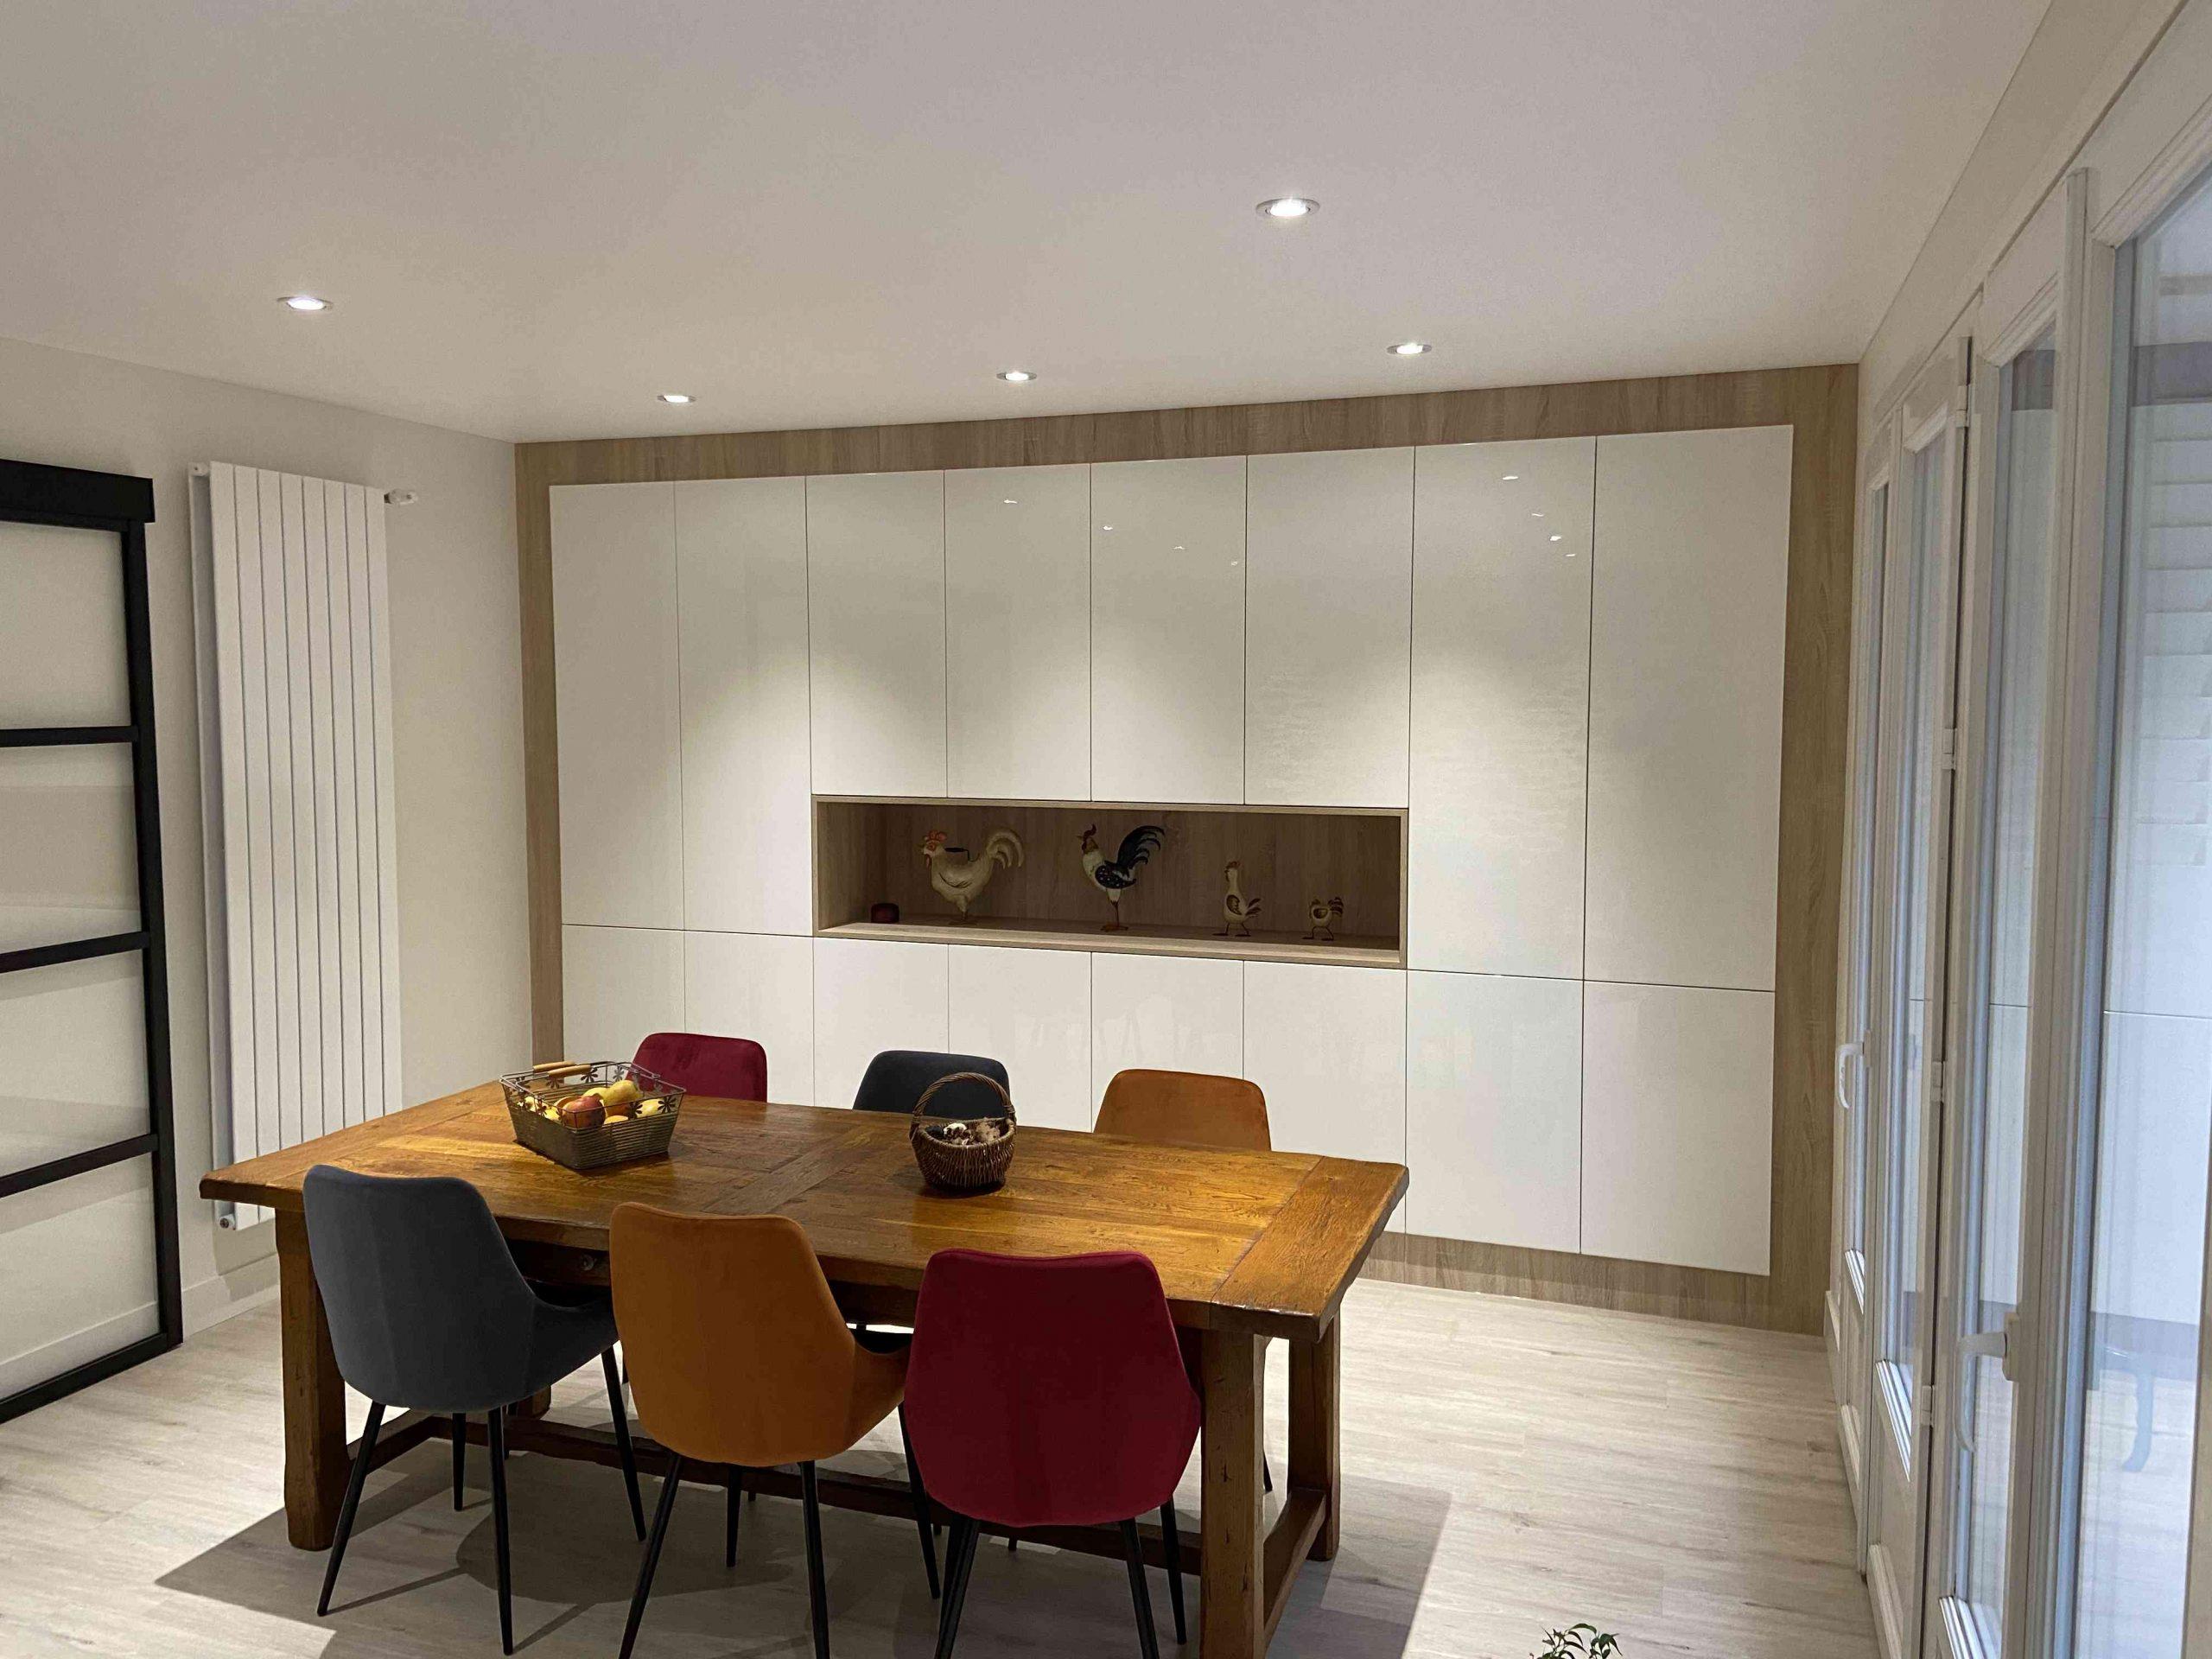 3 Meuble salle de réception sur mesure blanc brillant bois 3 scaled - Meuble salle de réception sur mesure blanc bois